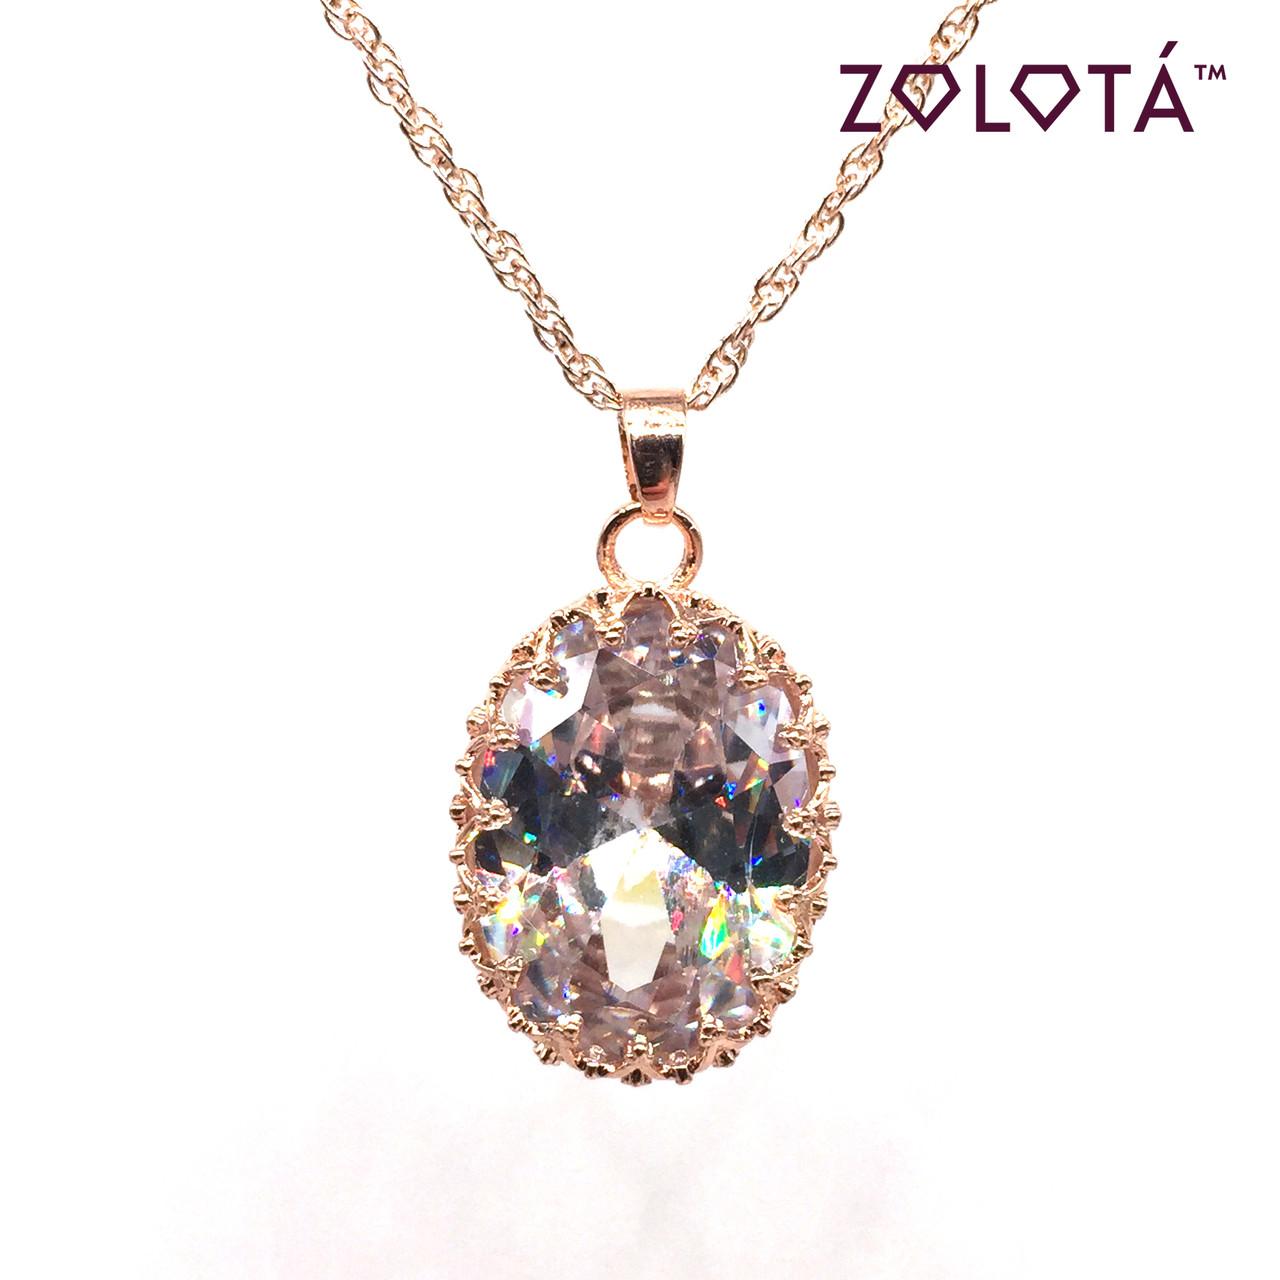 Підвіска на ланцюжку з білим фианитом (куб. цирконієм), з медичного золота, в позолоті, ЗЛ00165 (1)